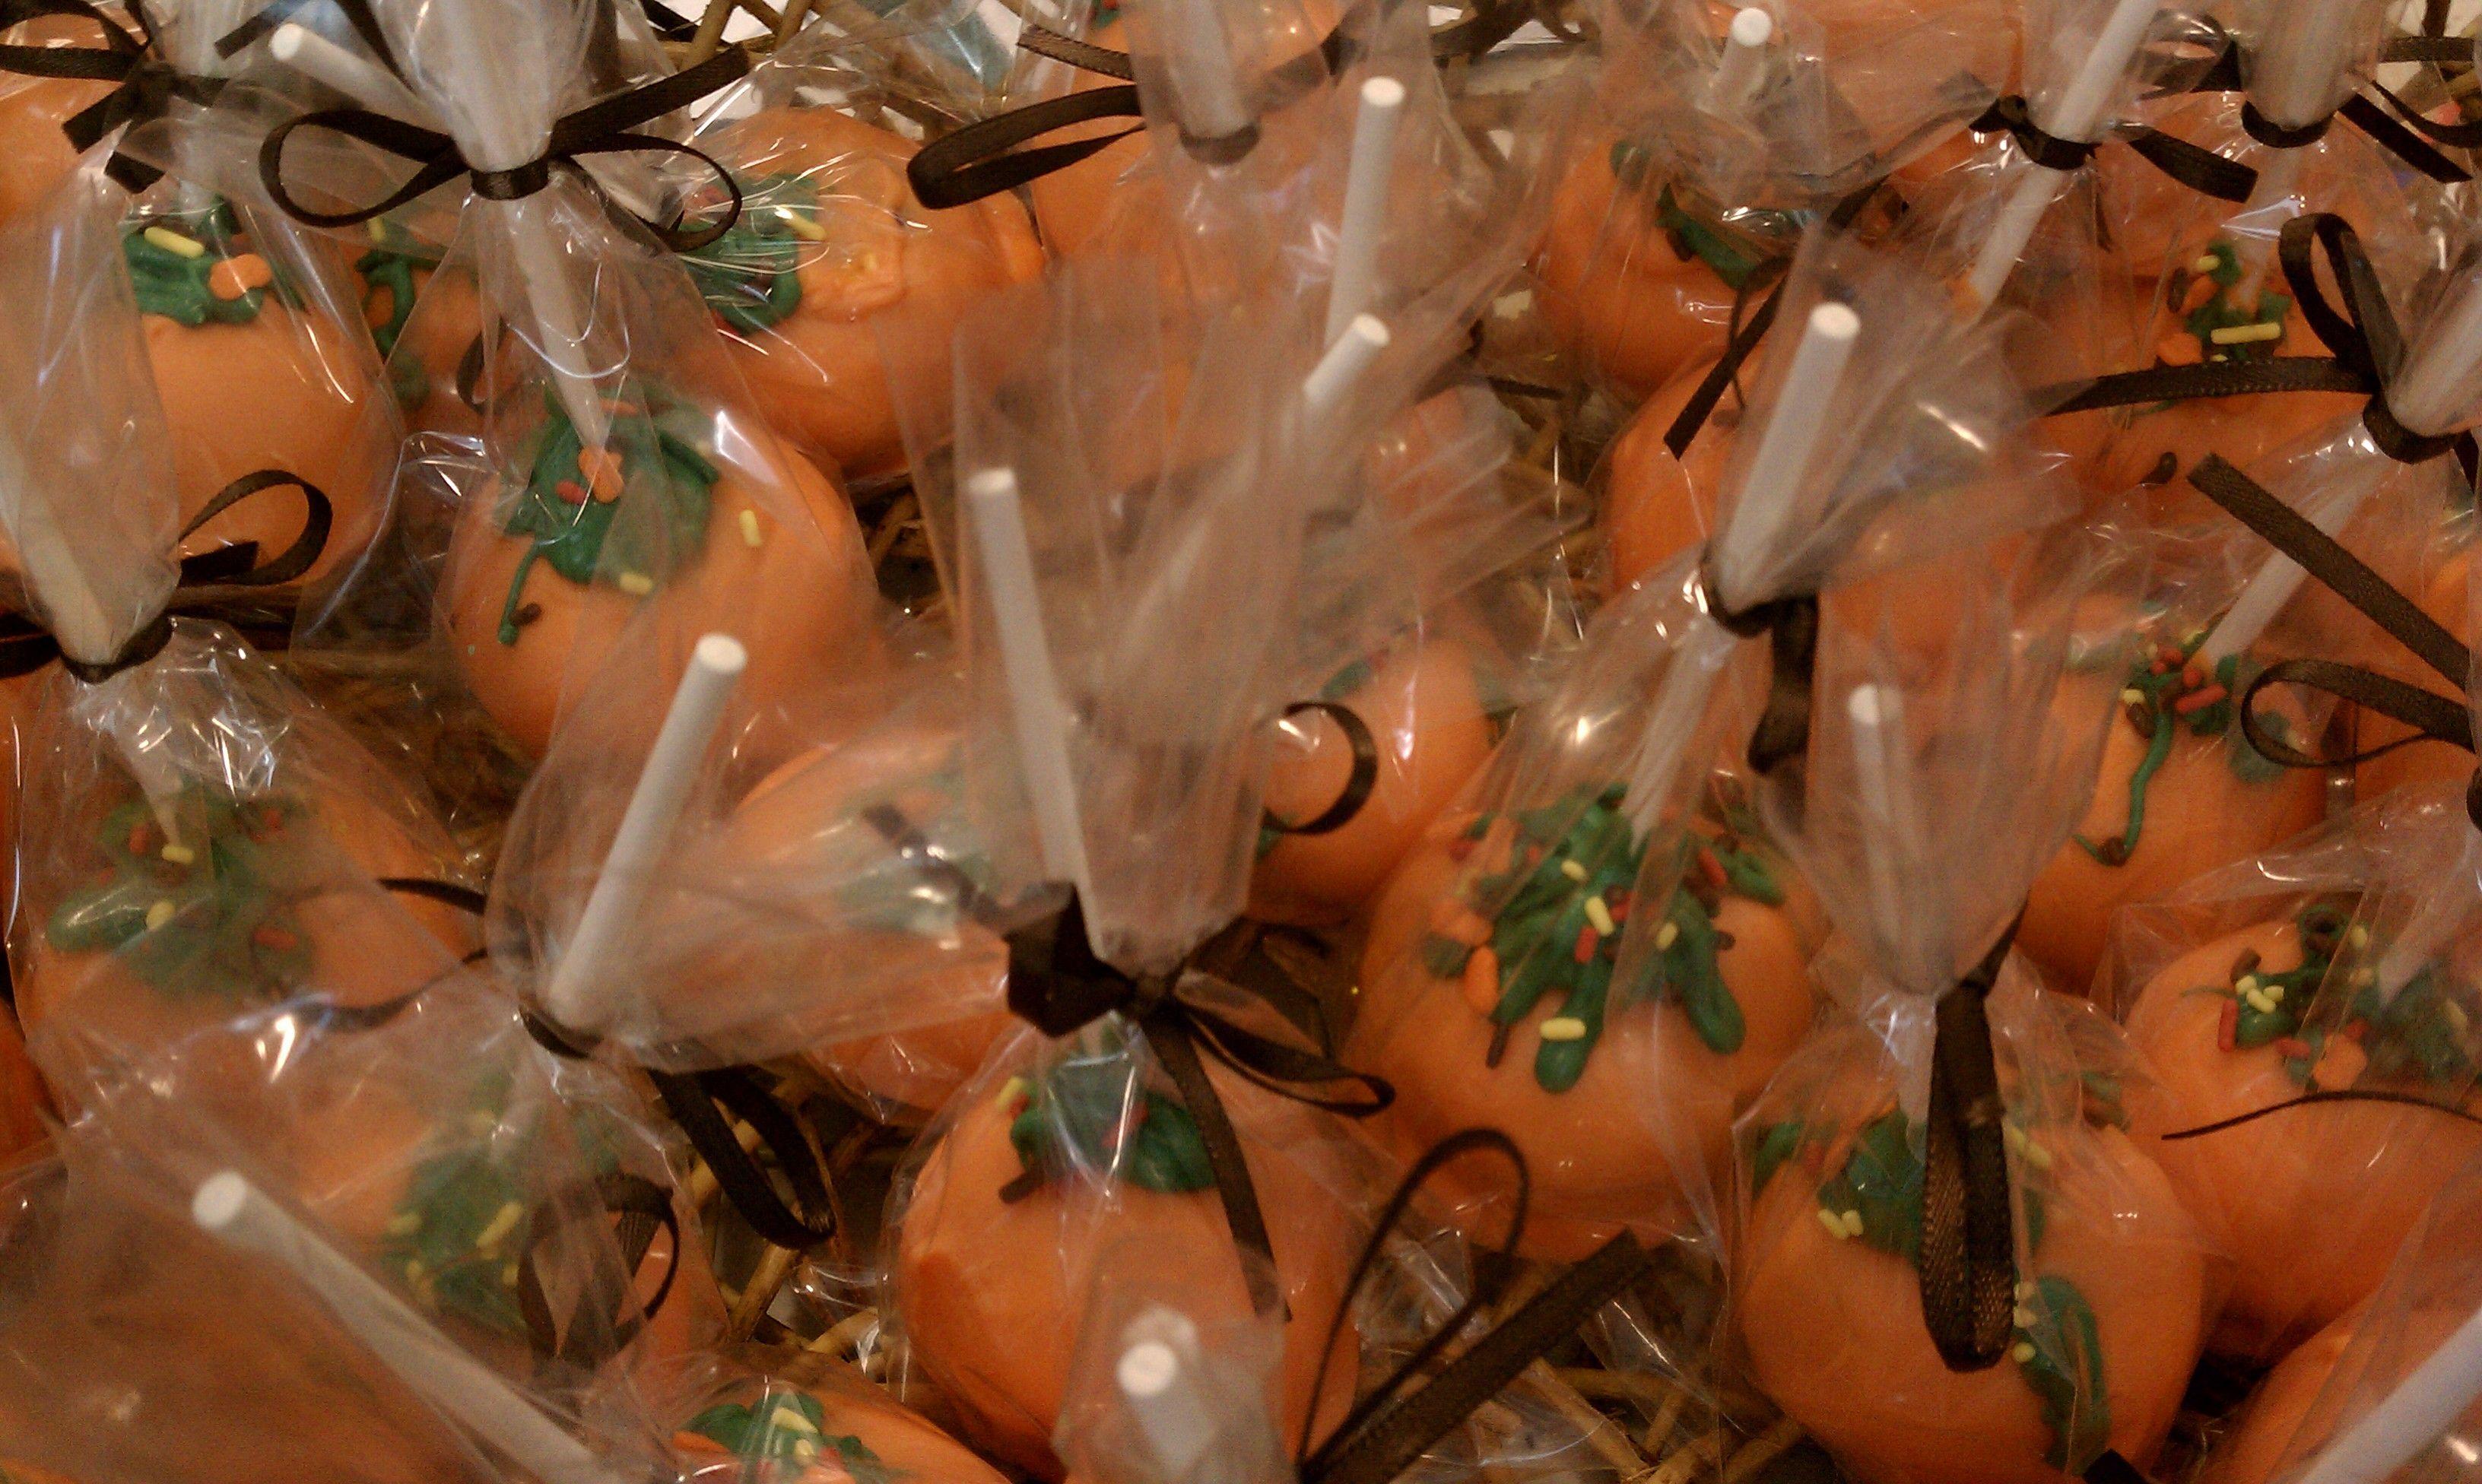 Pumpkin spice cake pops | Cake pops & balls | Pinterest